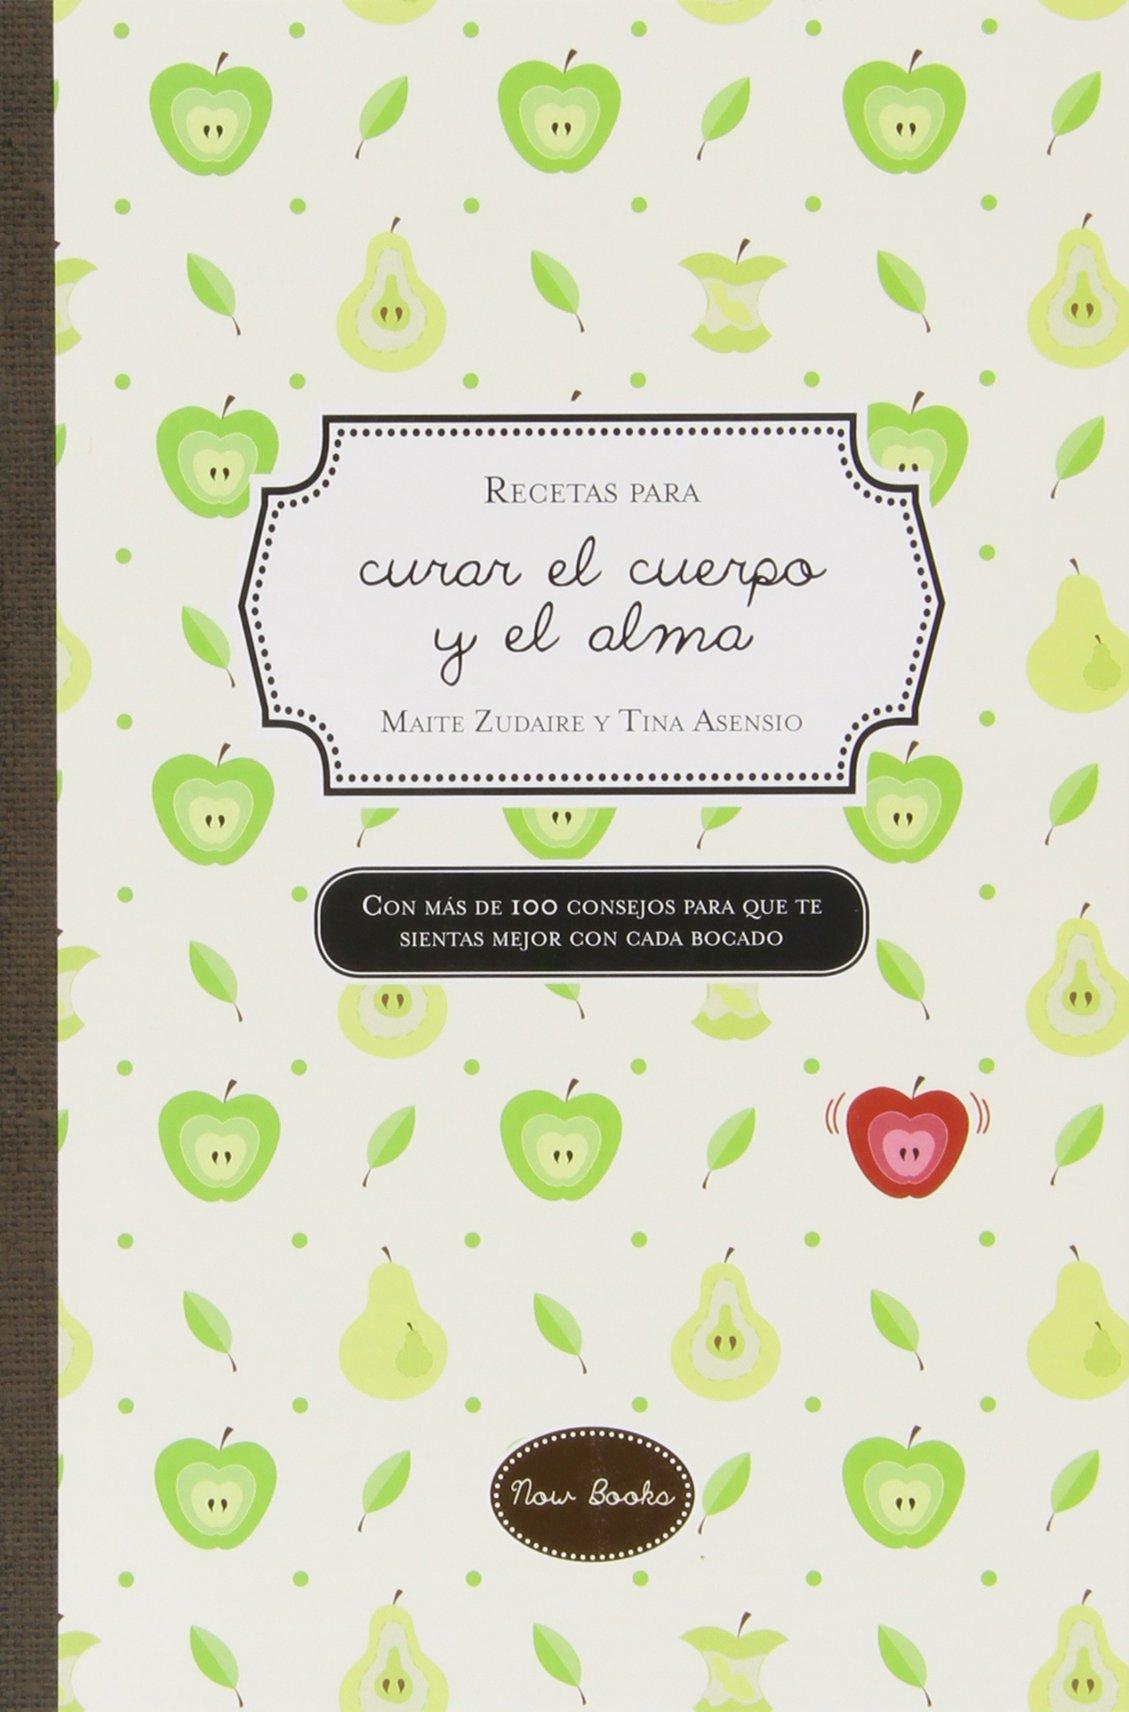 Recetas para curar el cuerpo y el alma (Cocina): Amazon.es: Maite ...